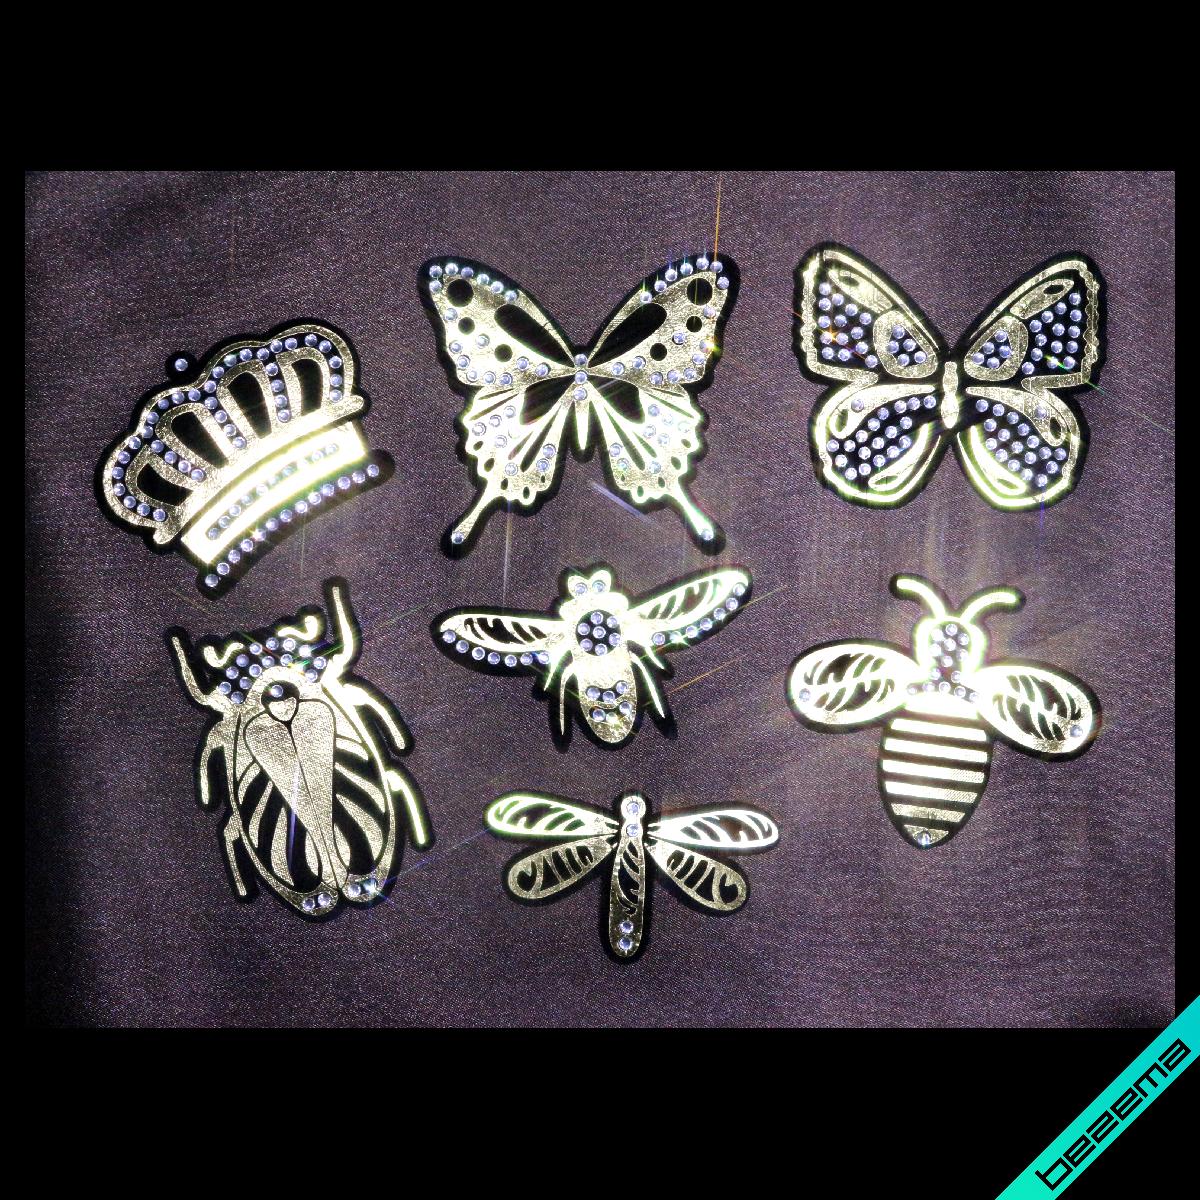 Нашивки для бизнеса на туфли термо Набор модные насекомые [Свой размер и материалы в ассортименте]